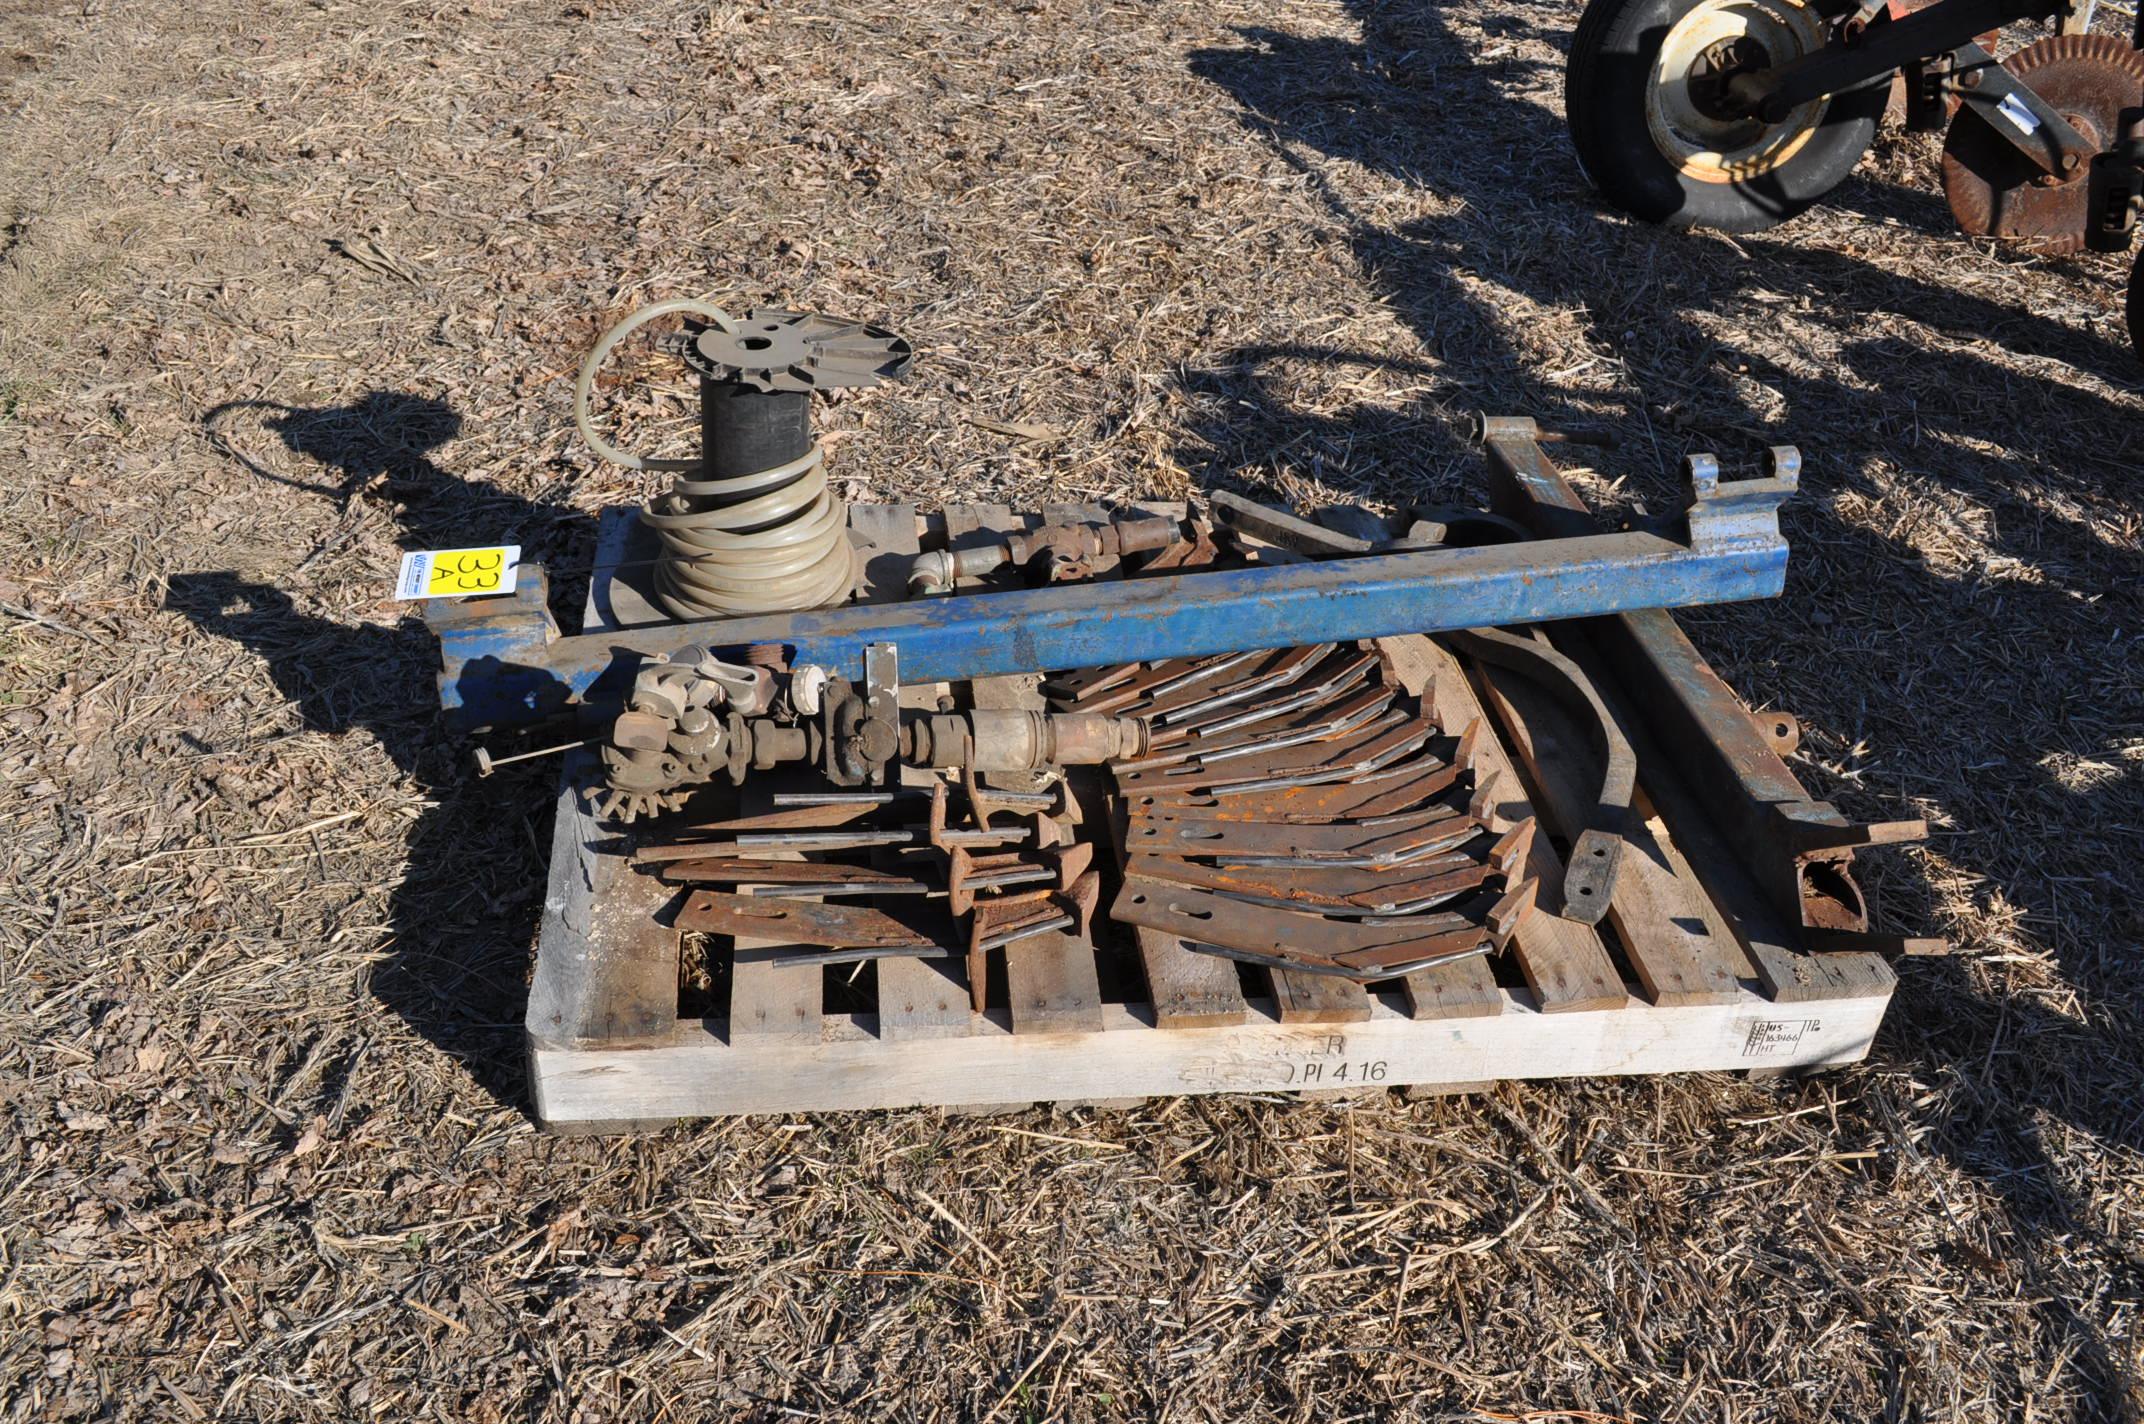 NH3 knives and parts - Image 2 of 3